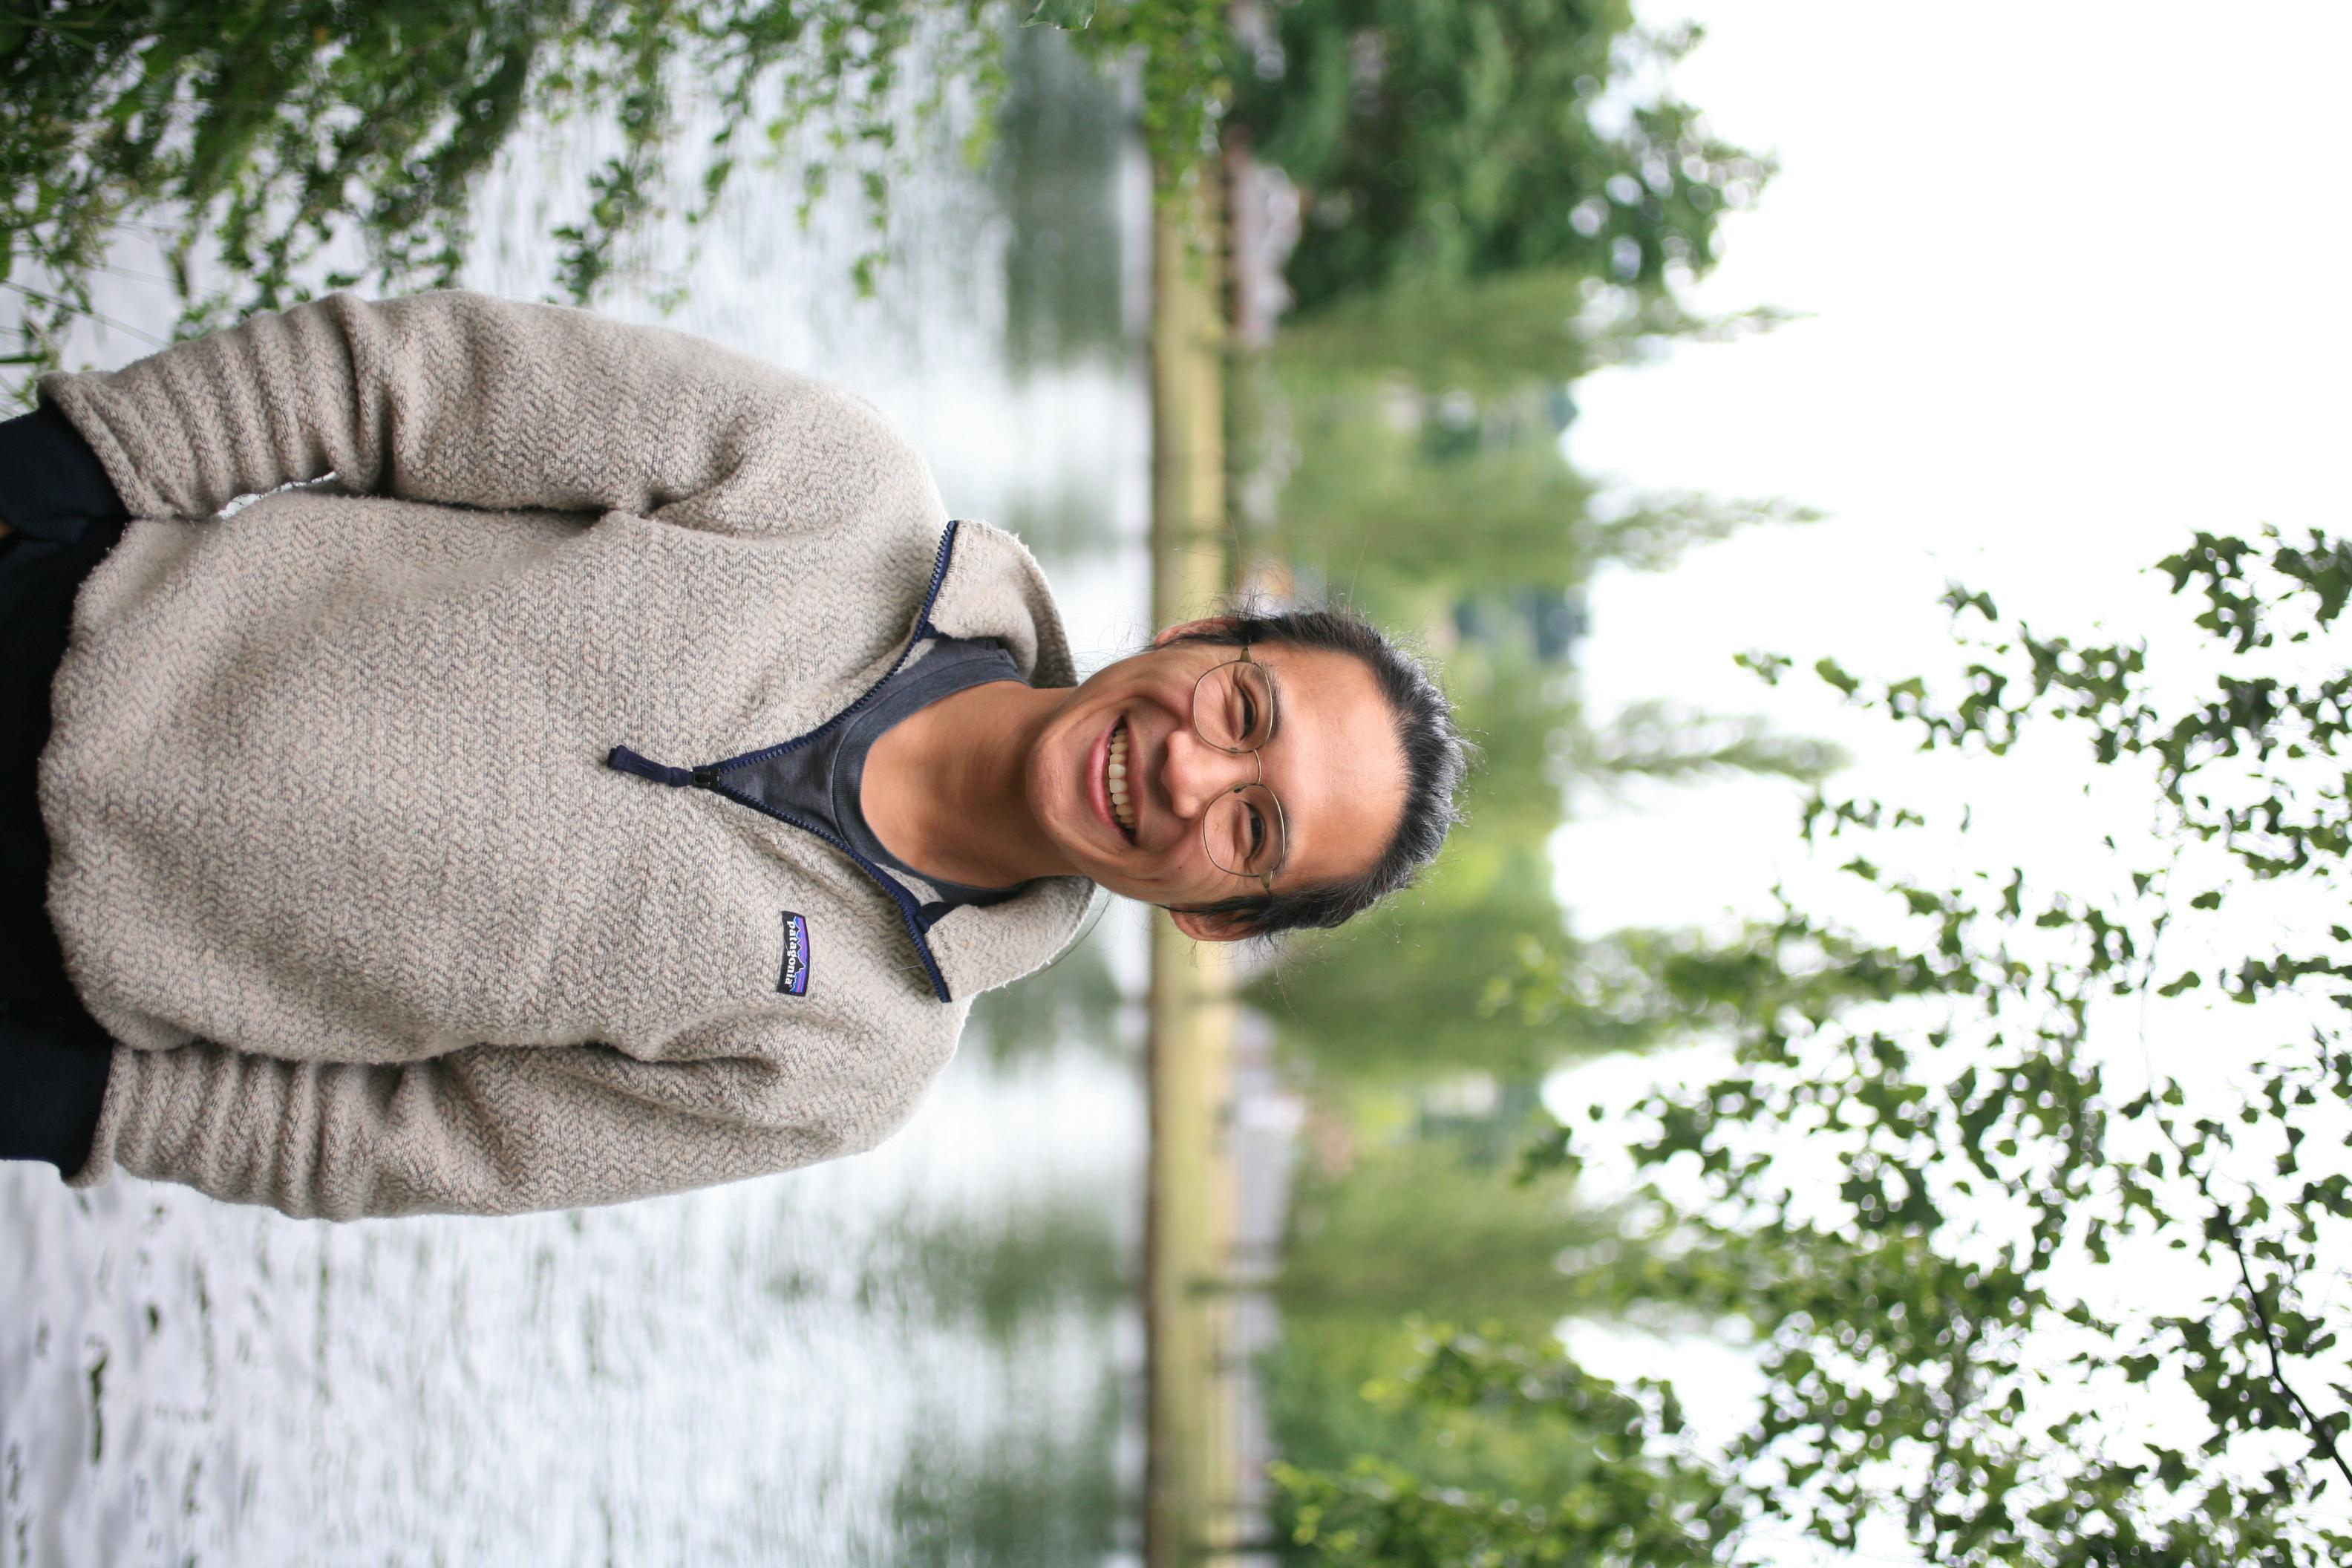 Eric Din